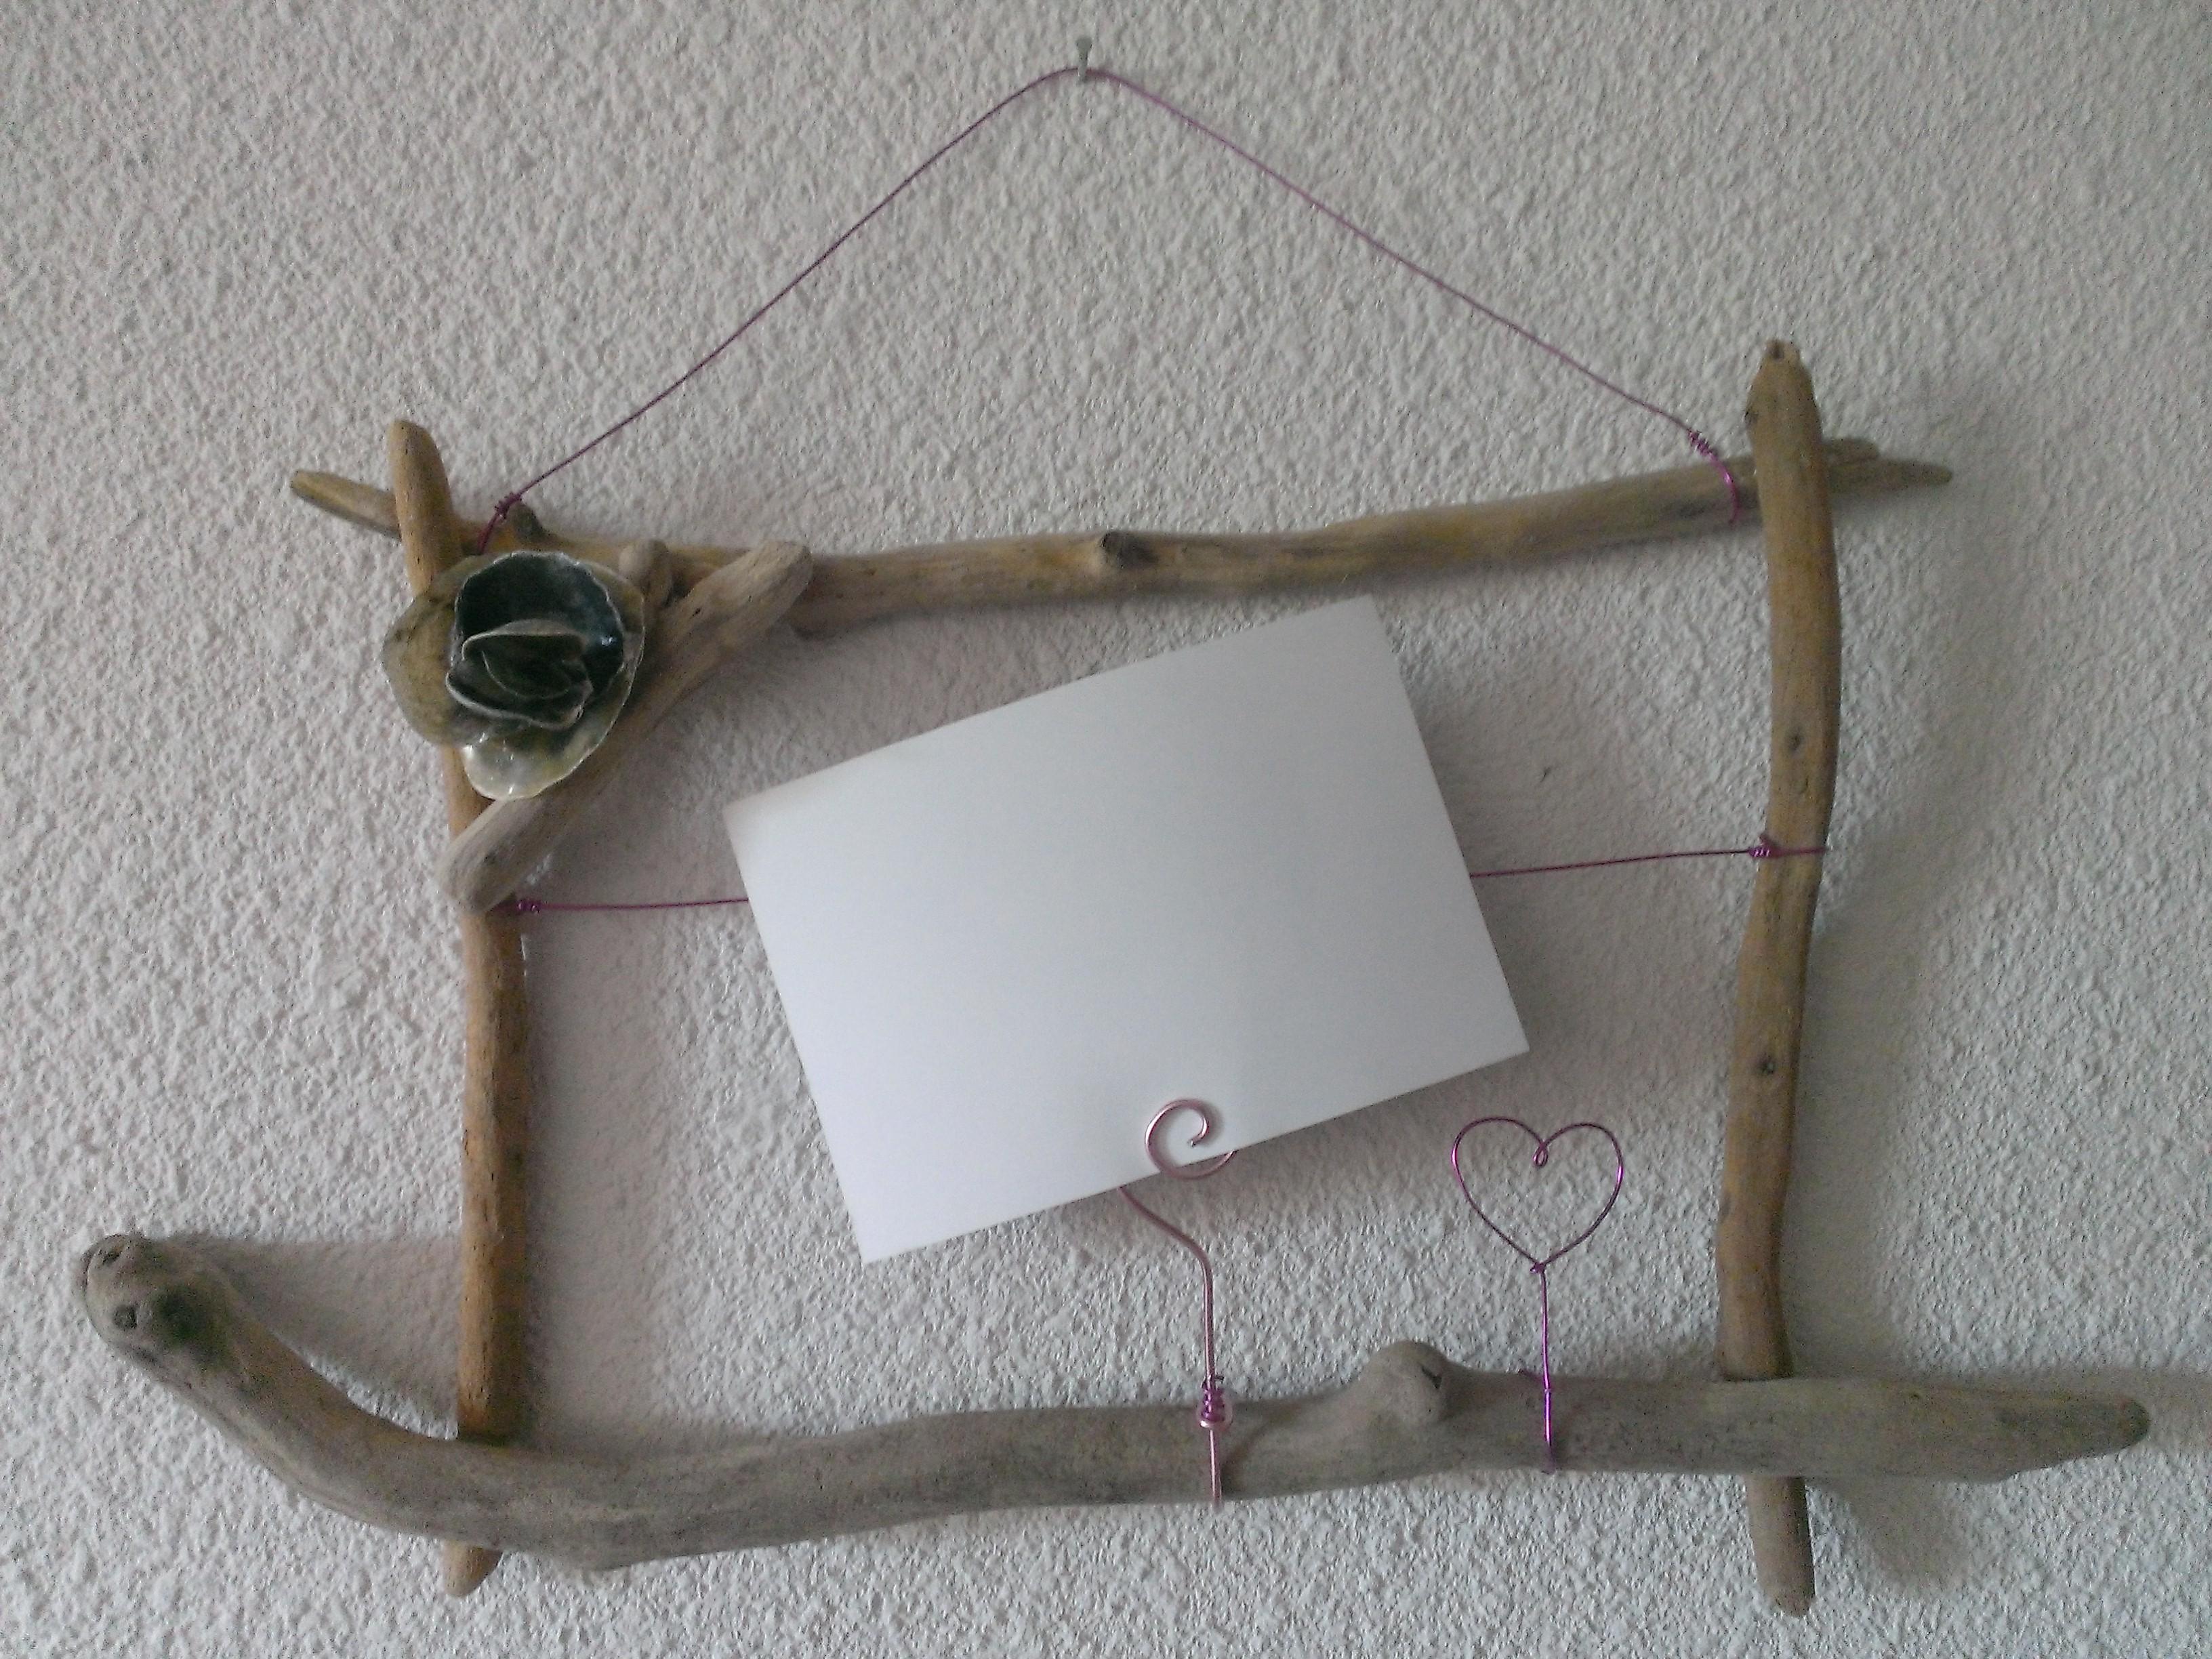 Cadres photo en bois flott coquillages et fils d for Cadre photo en bois flotte